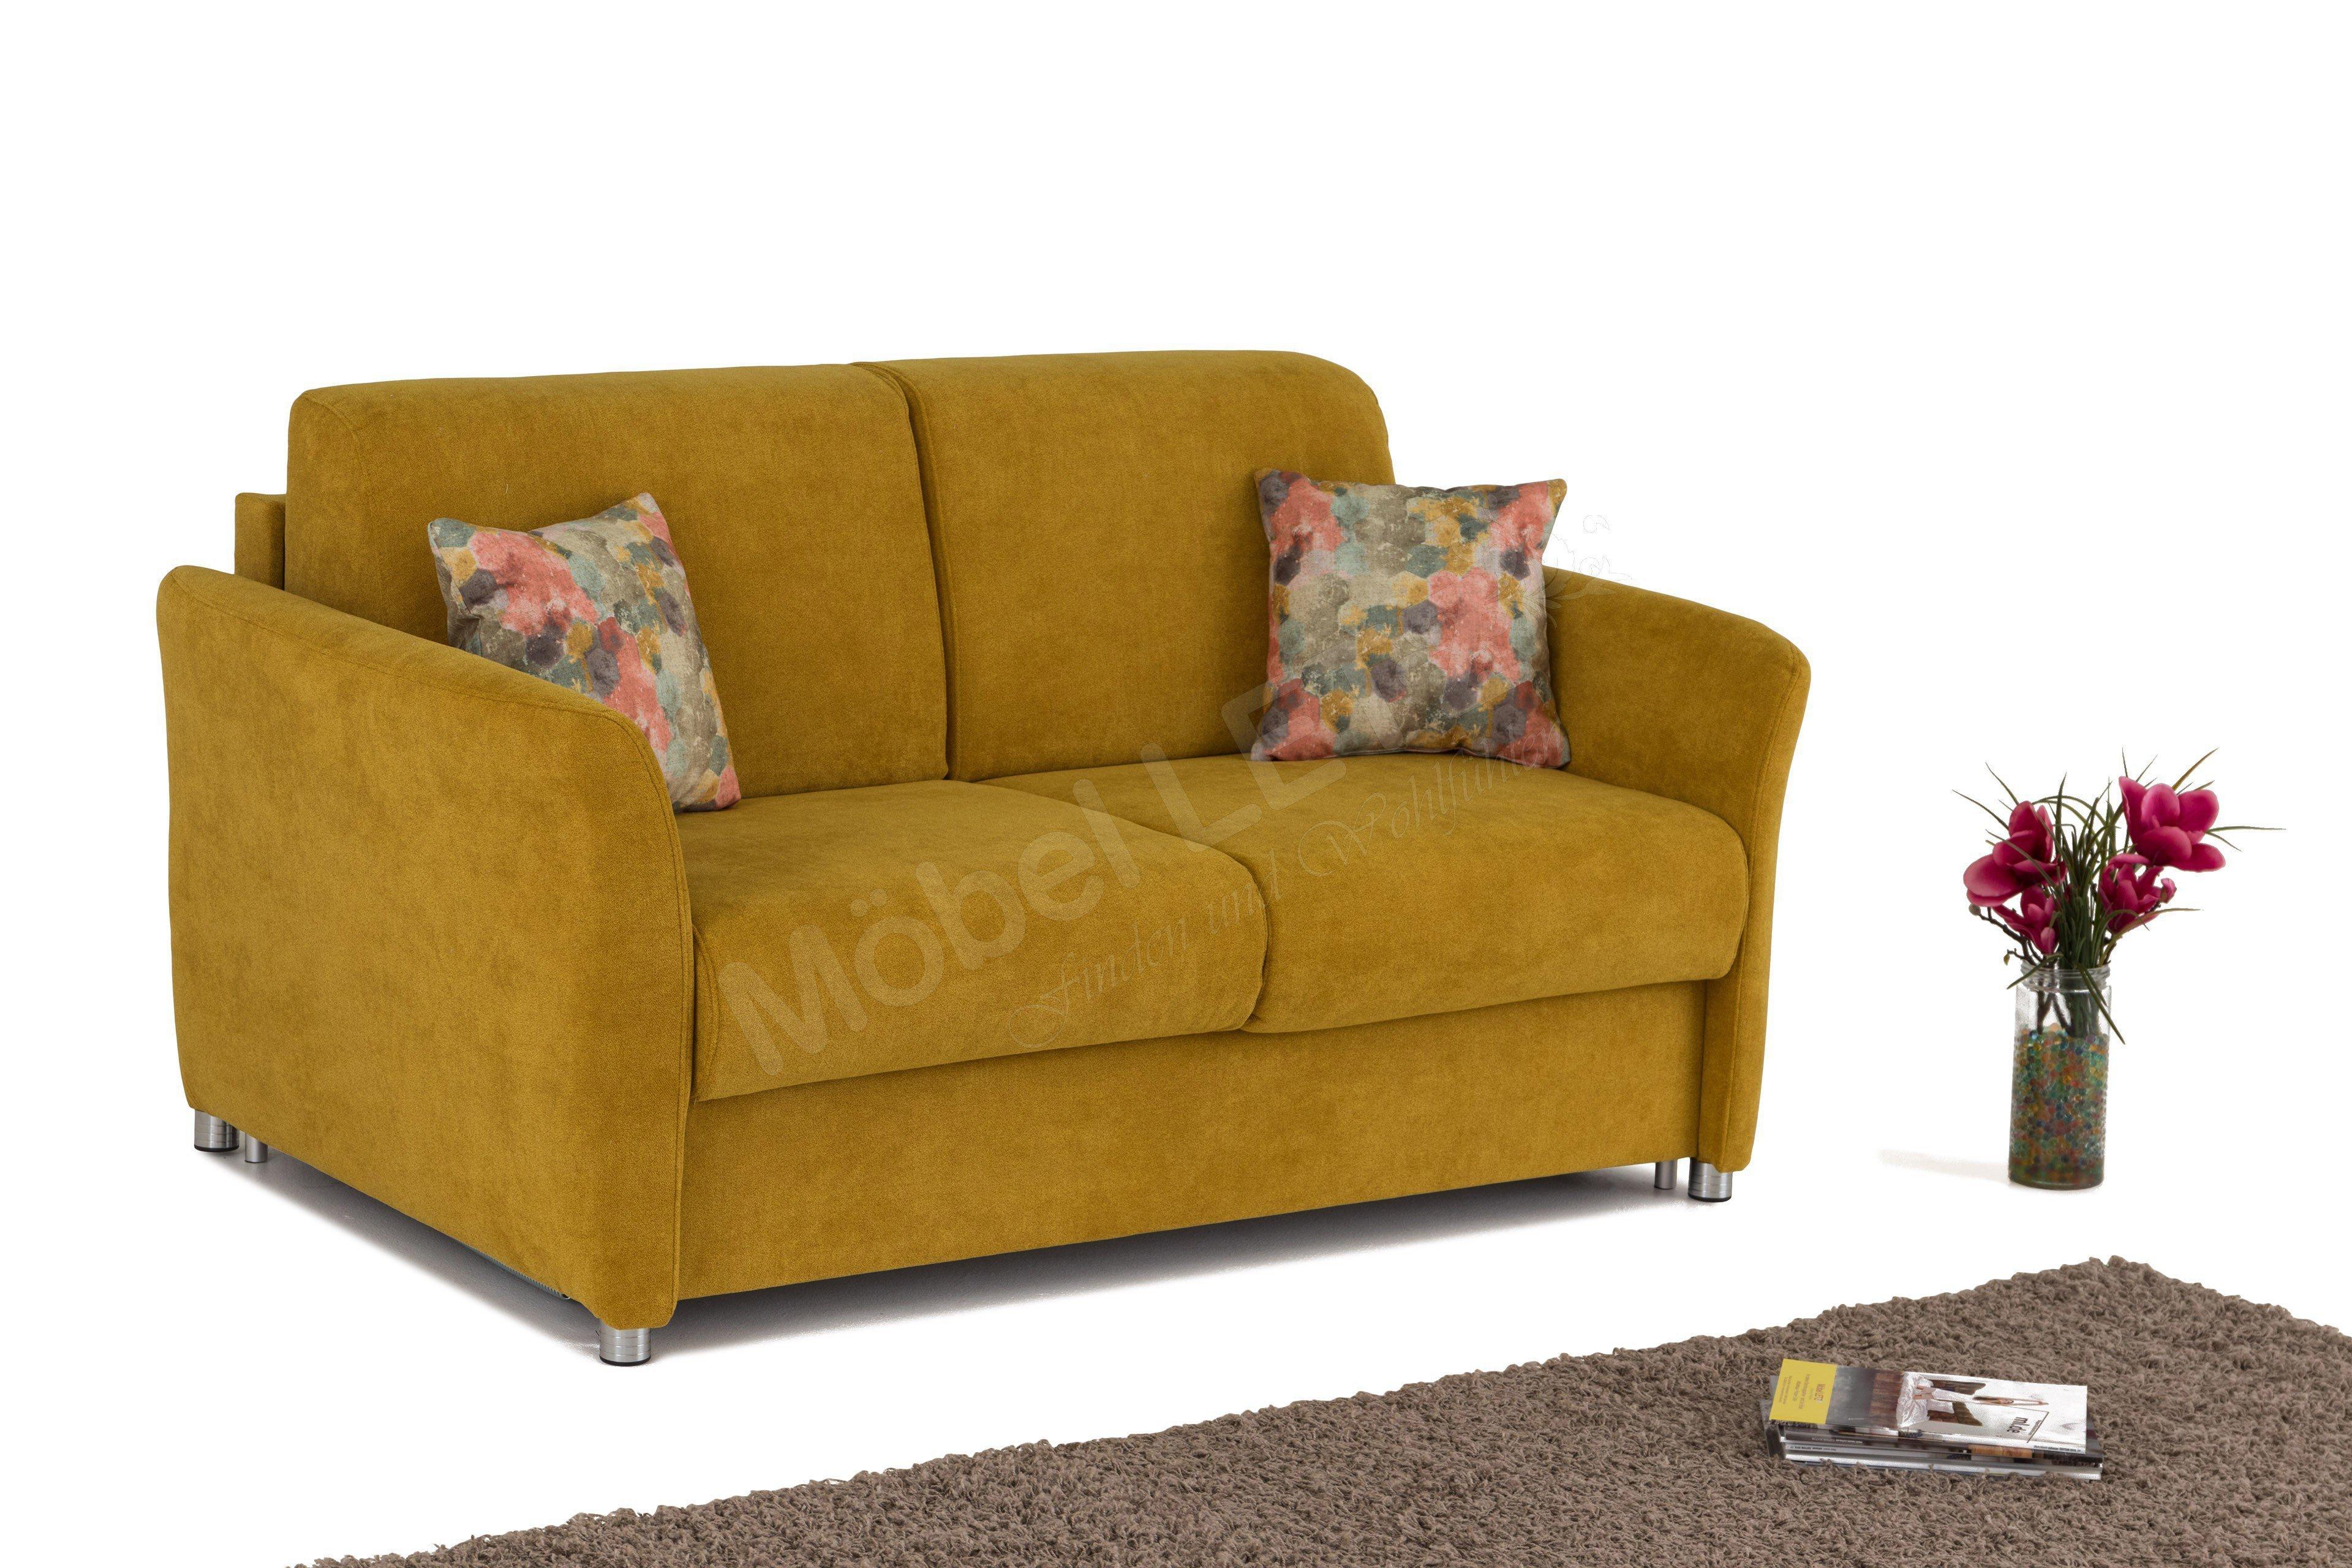 Schlafsofa gelb  Select Style Schlafsofa Trier im strahlenden Gelb | Möbel Letz ...